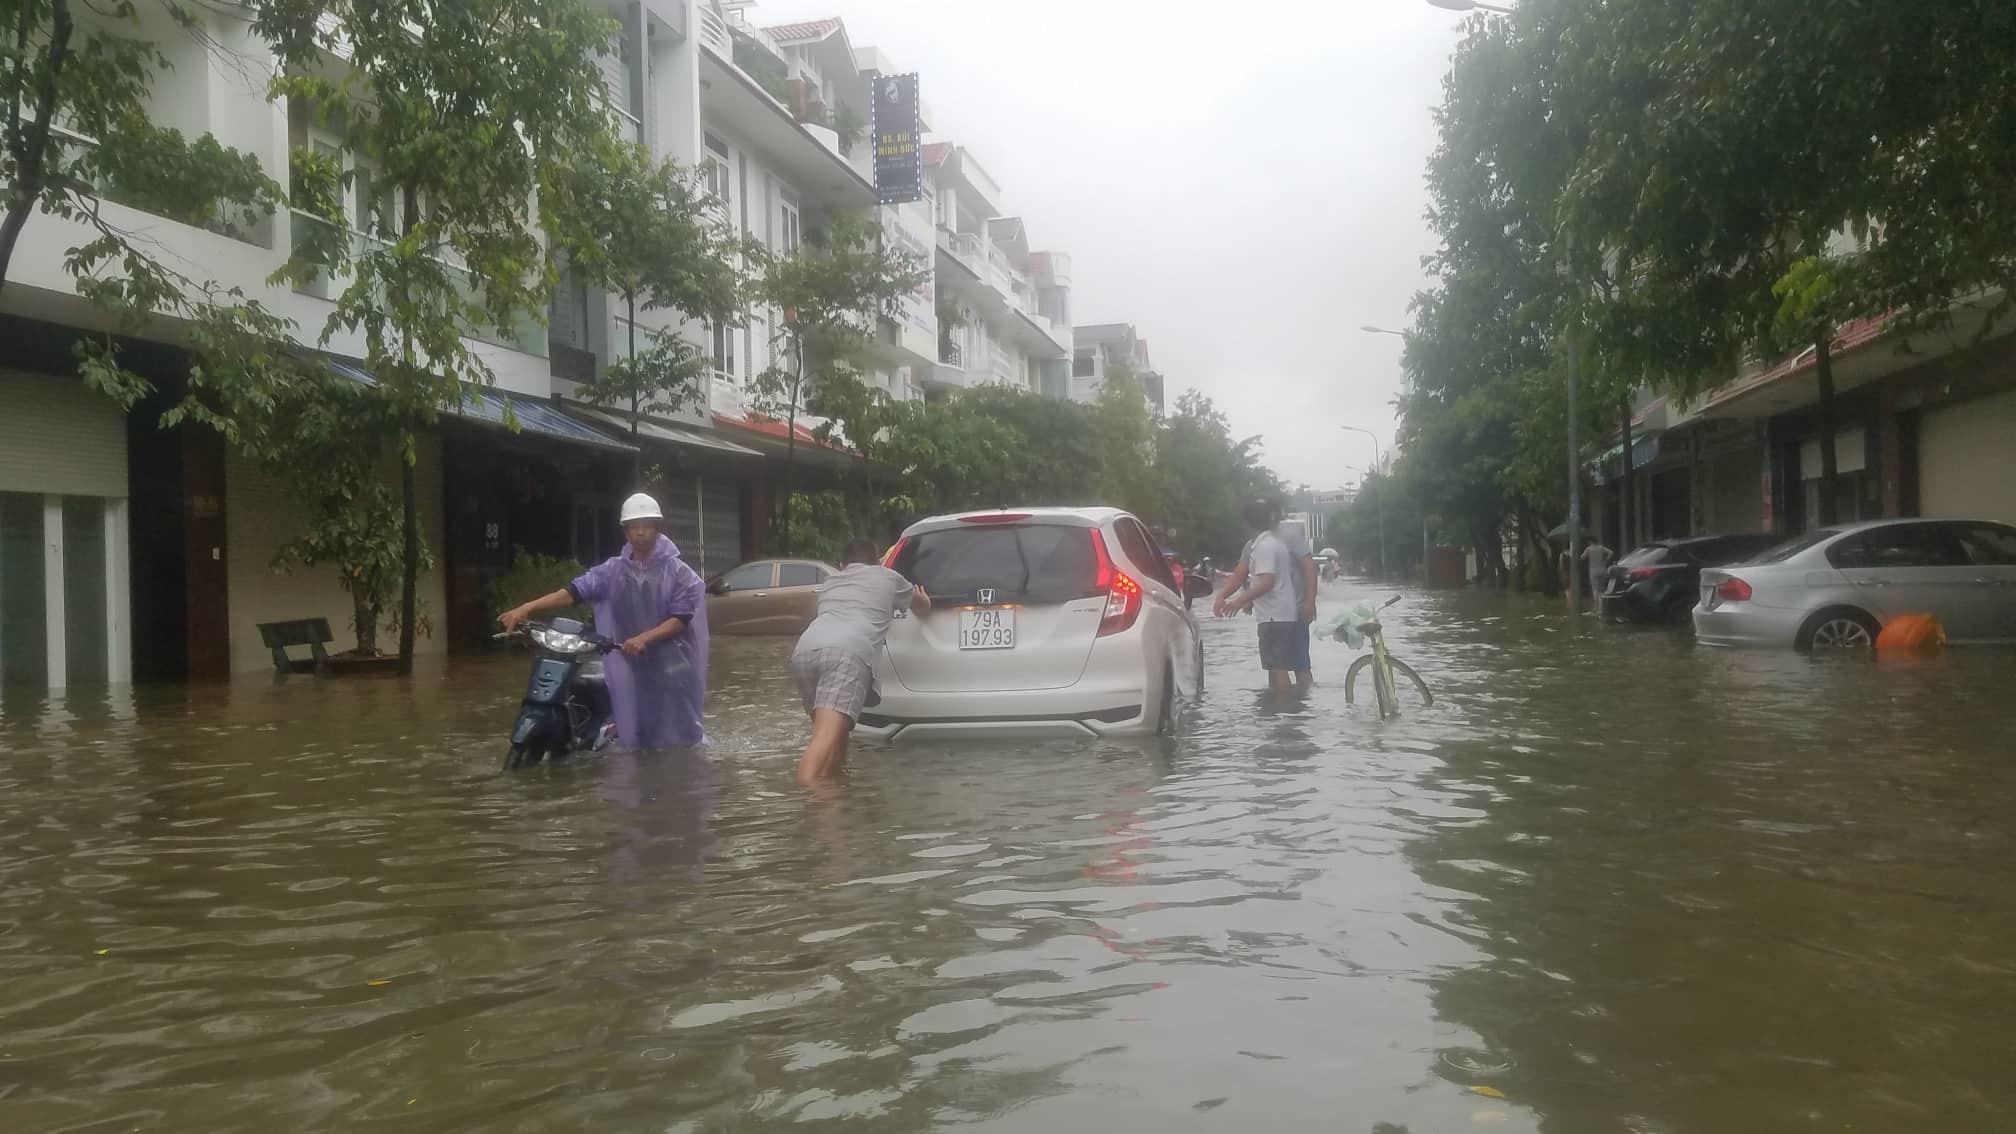 ngập lụt,sạt lở đất,mưa lũ,mưa bão,Khánh Hòa,Nha Trang